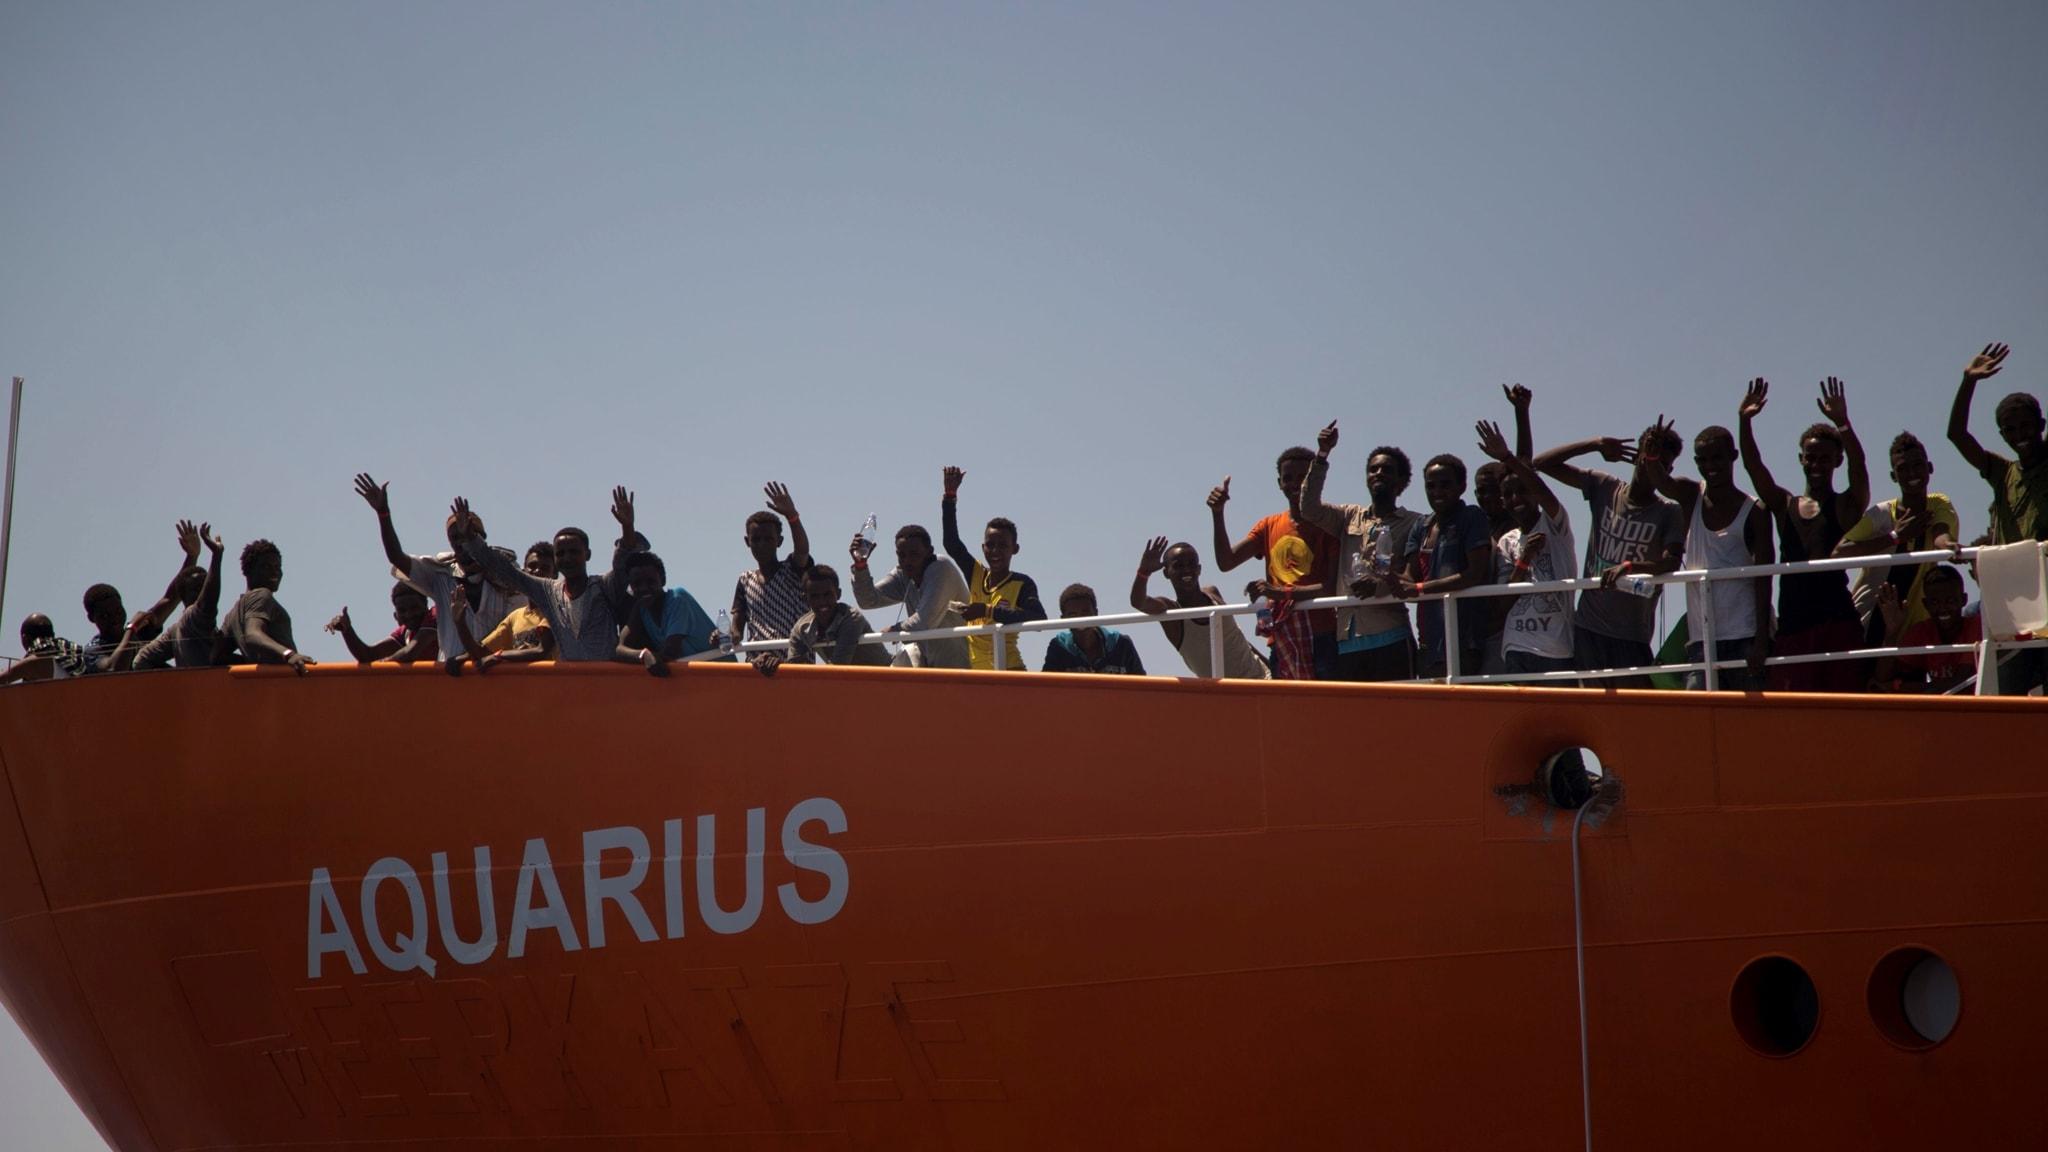 Det privata räddningsfartyget SOS Mediterranee Aquarius har blivit alltmer kontroversiellt i takt med att Europas migrationspolitik har blivit mer restriktiv.